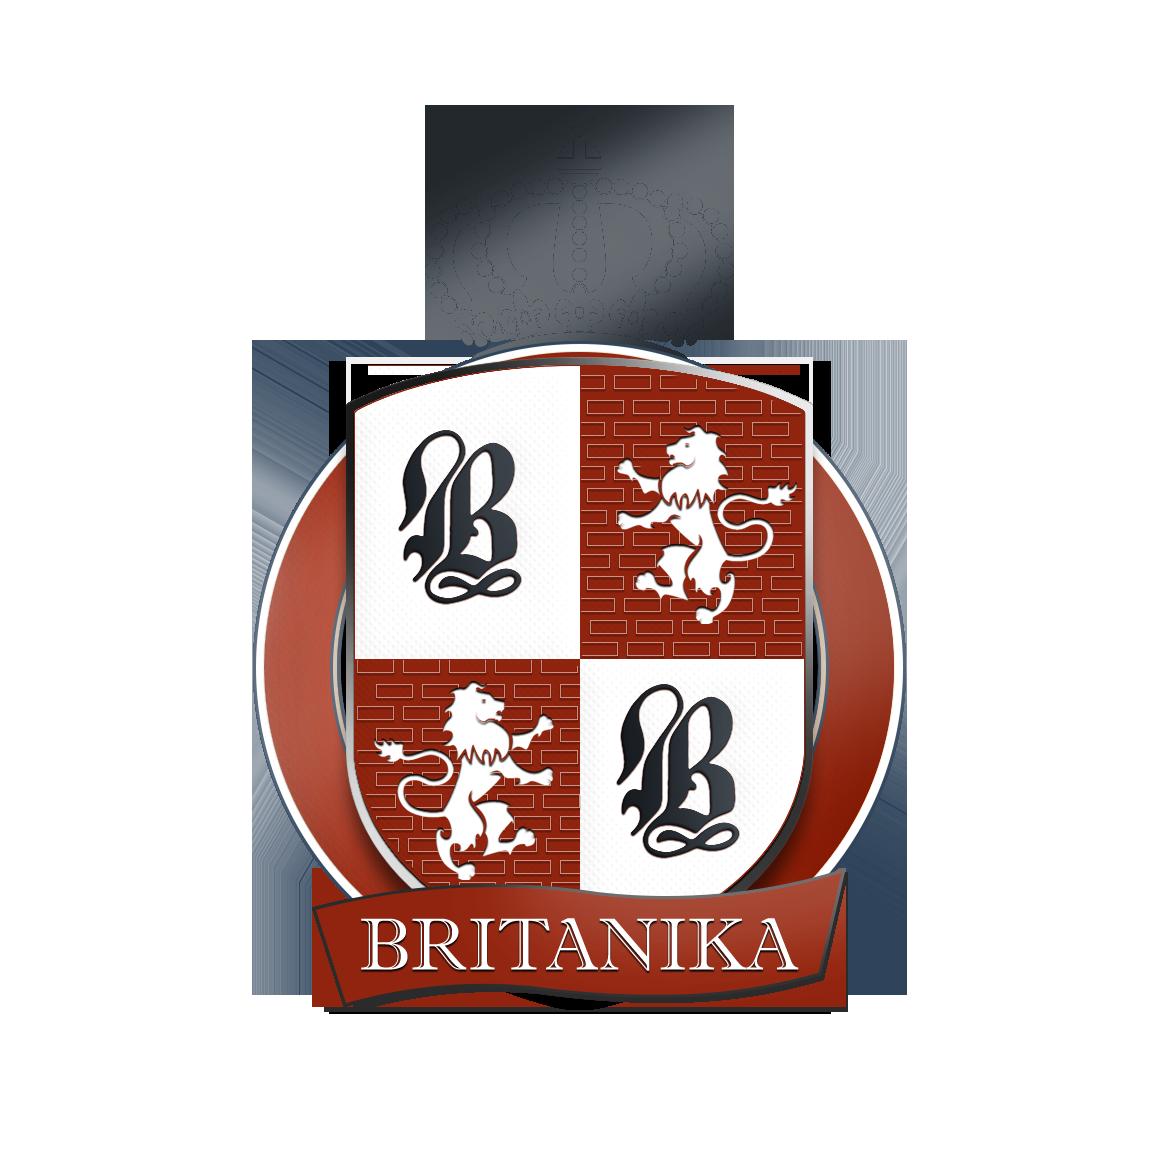 BRITANIKA